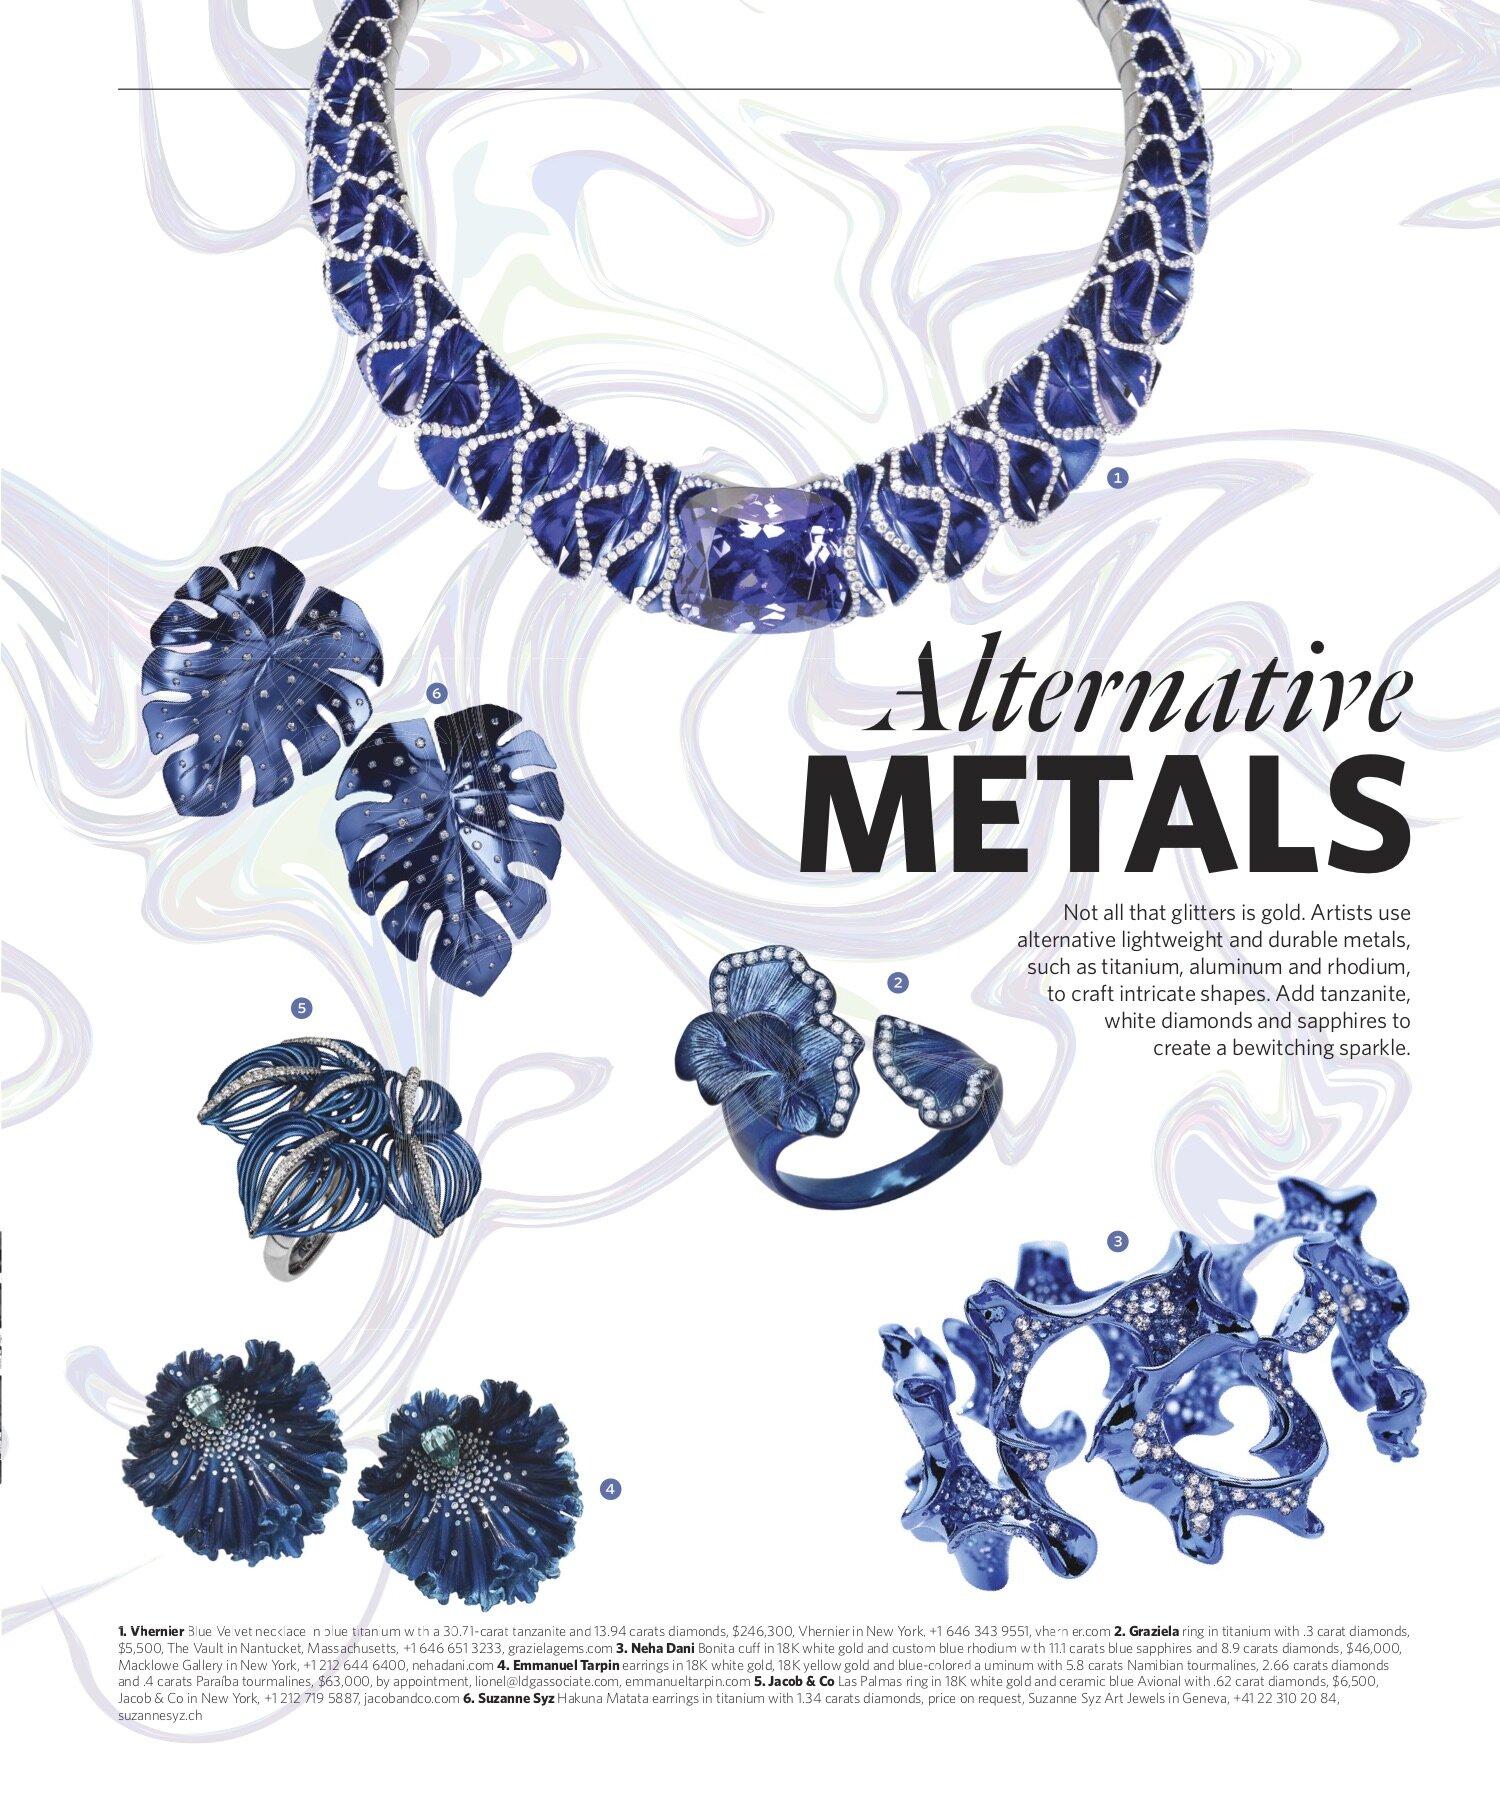 Fall 2019 | Alternative Metals